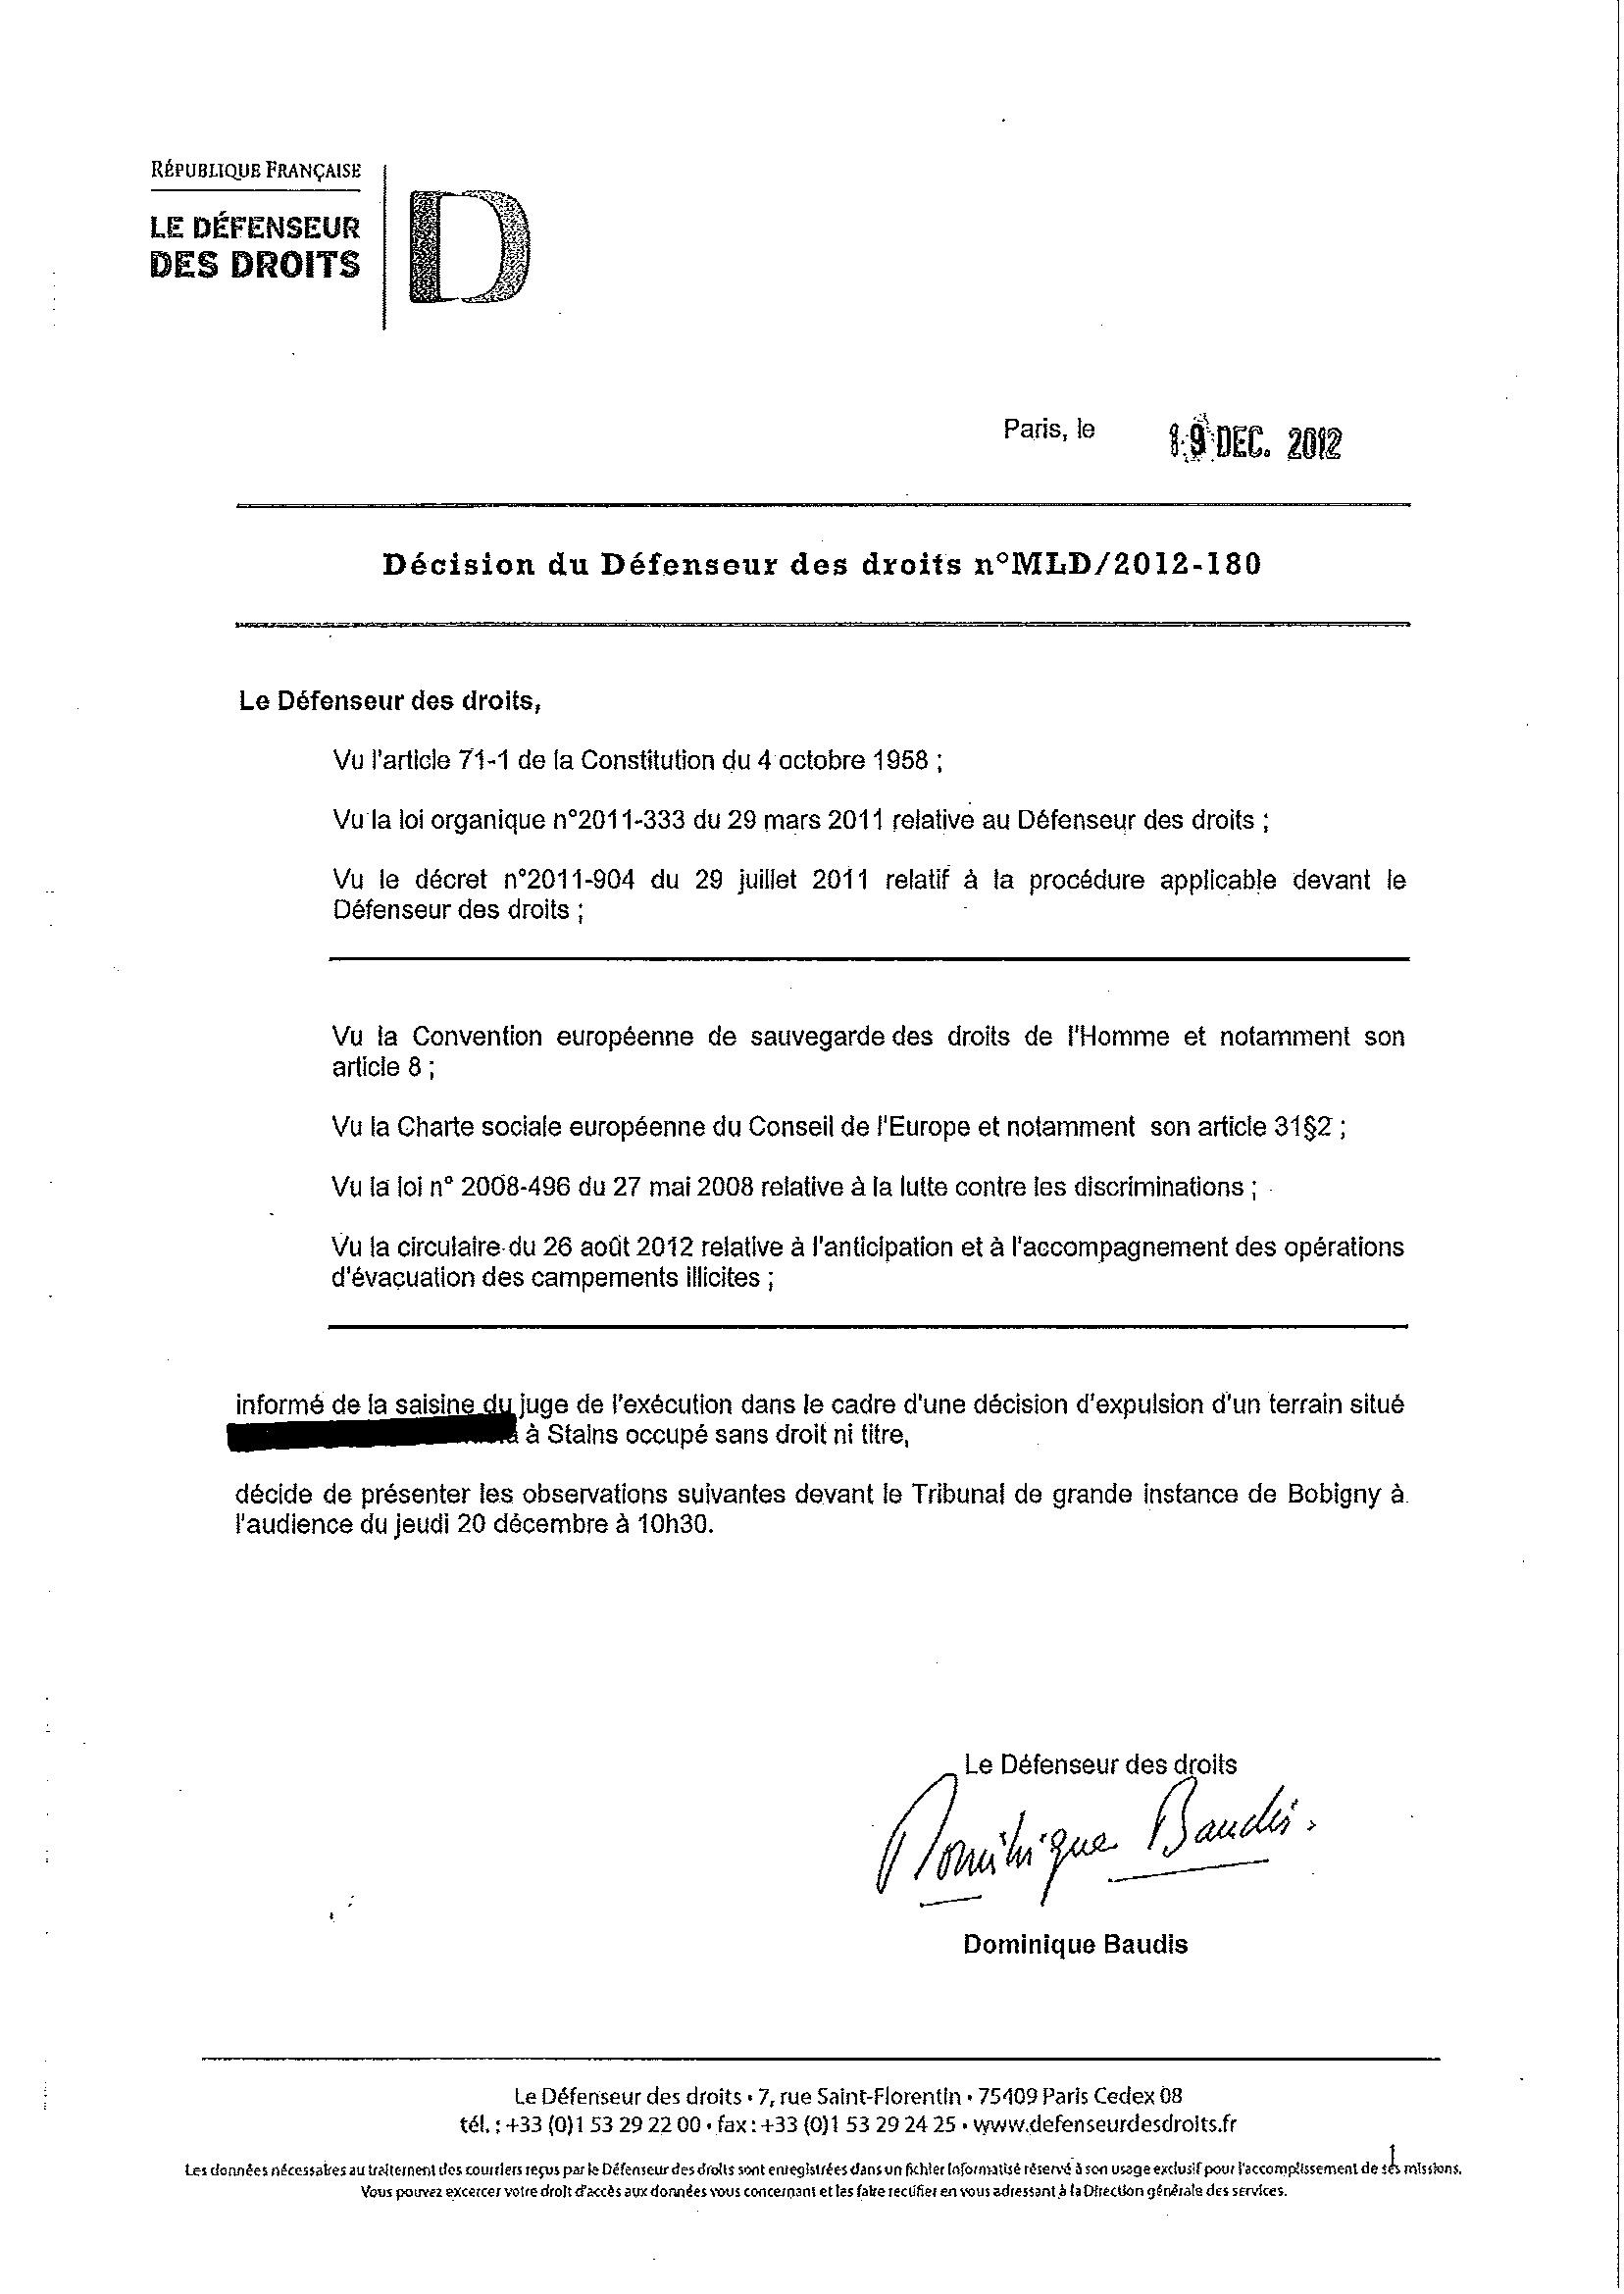 Intervention du Défenseur des droits et décision du Tribunal